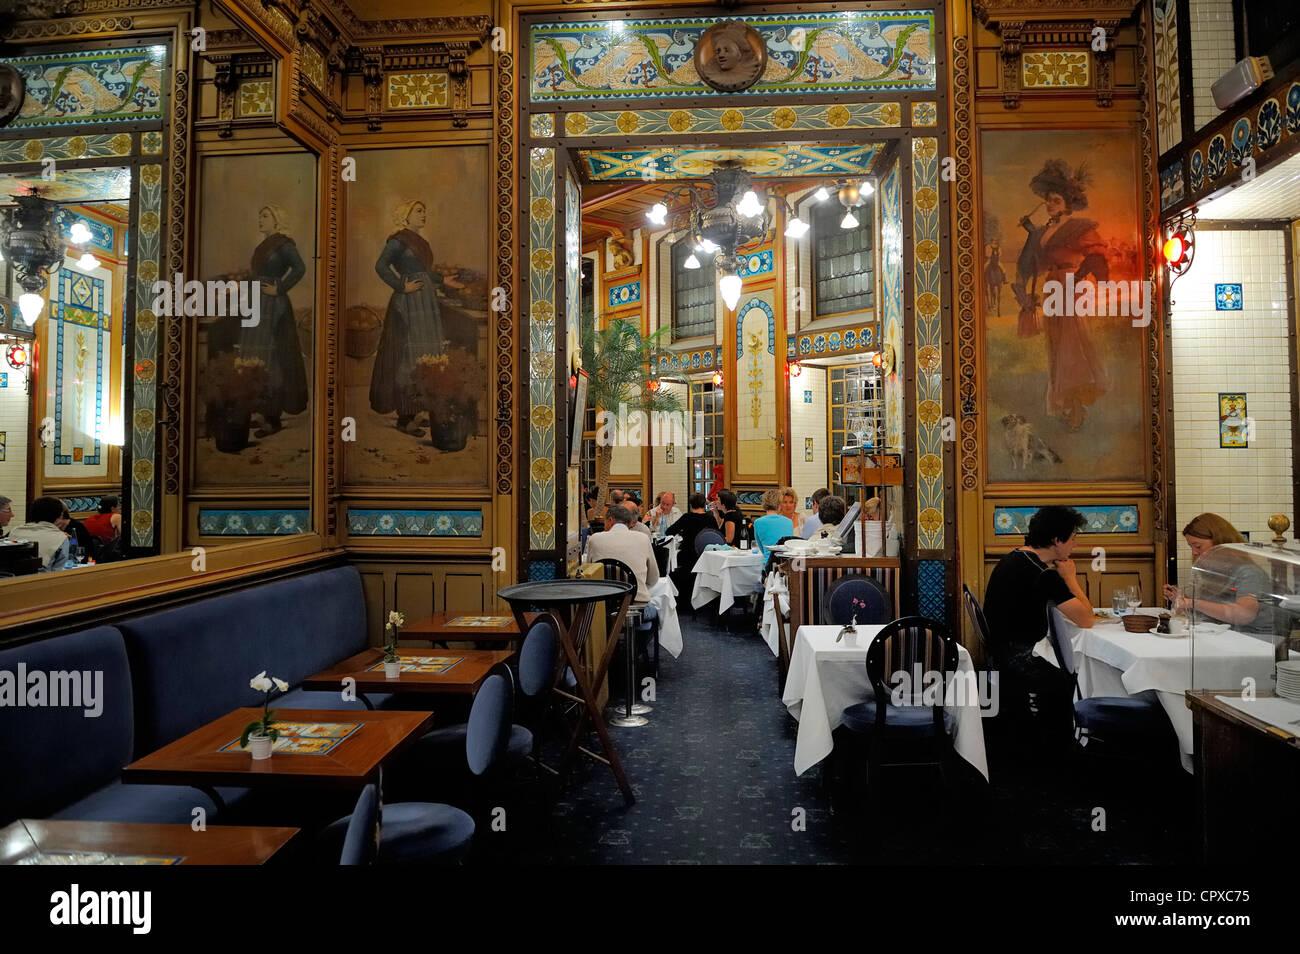 Frankreich, Loire-Atlantique, Nantes, La Cigale Brasserie, Interieur ...